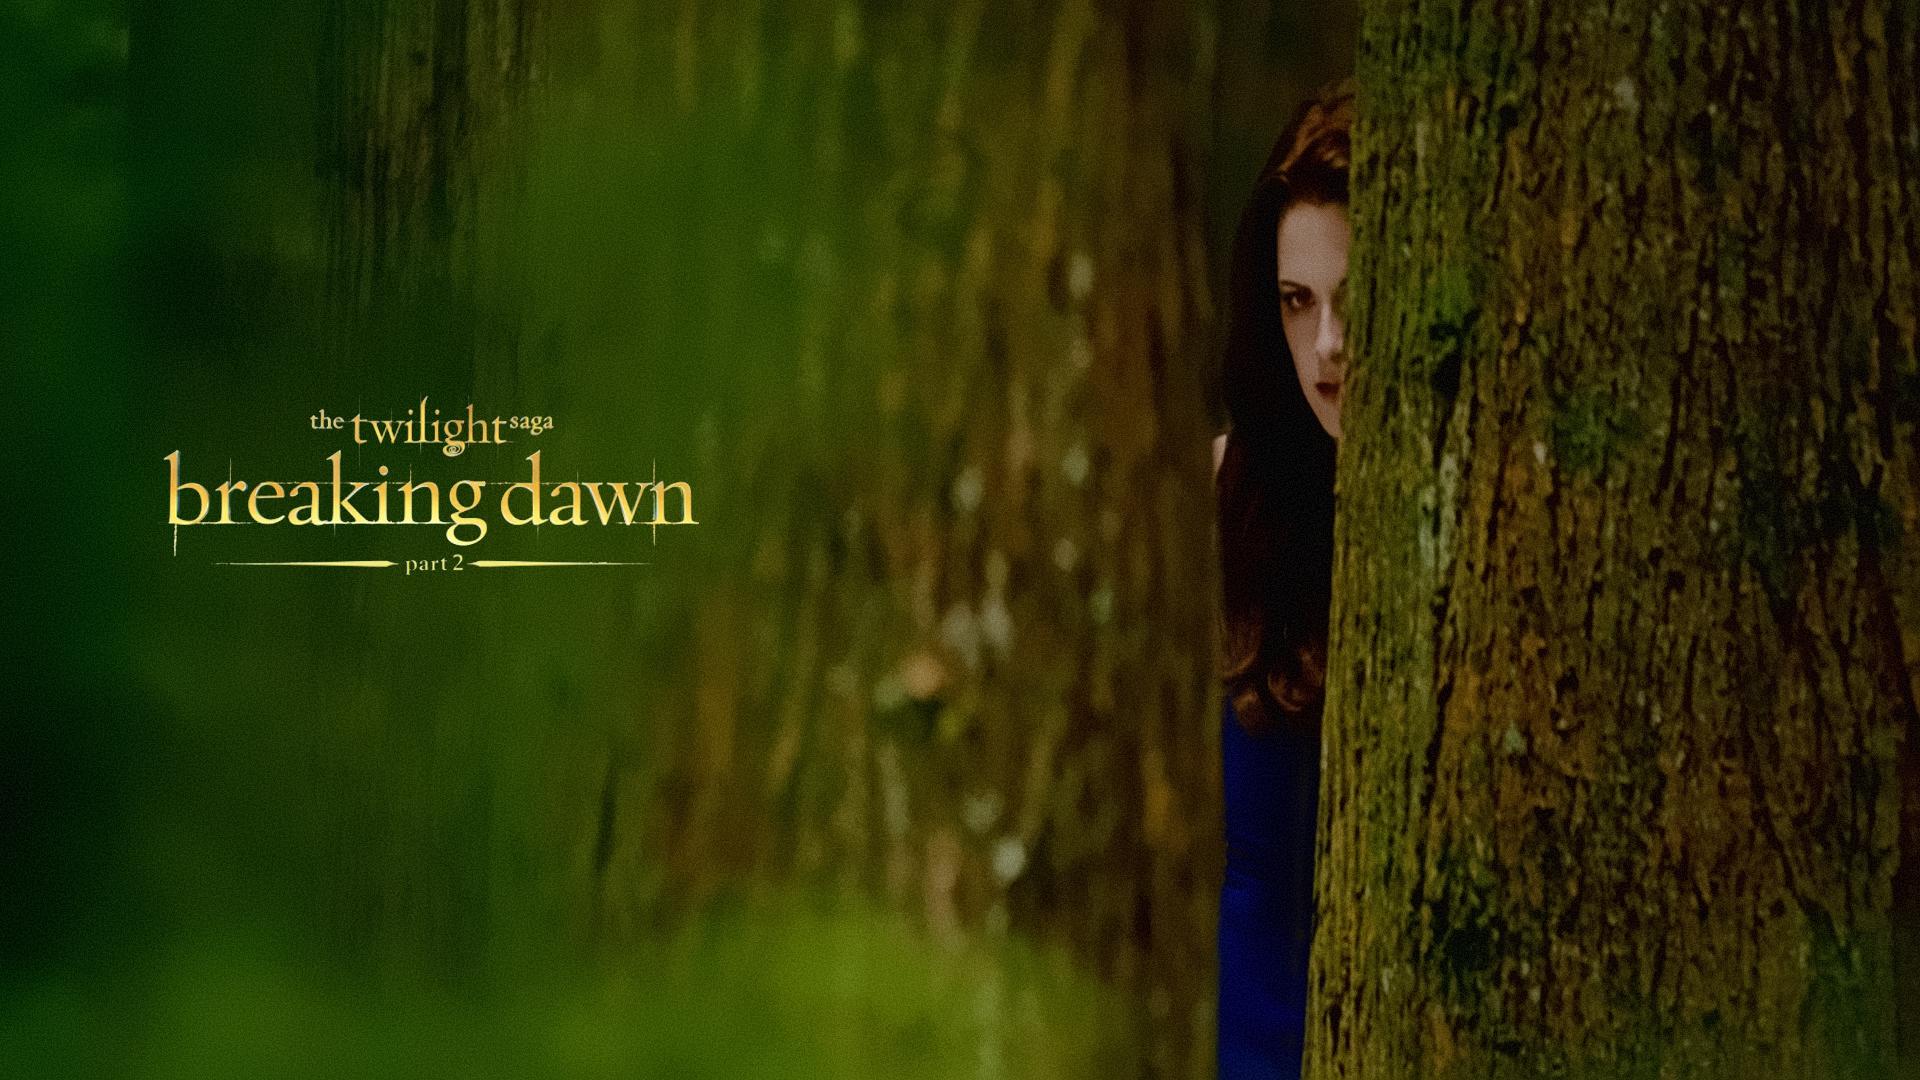 Twilight Breaking Dawn 2 wallpaper 3